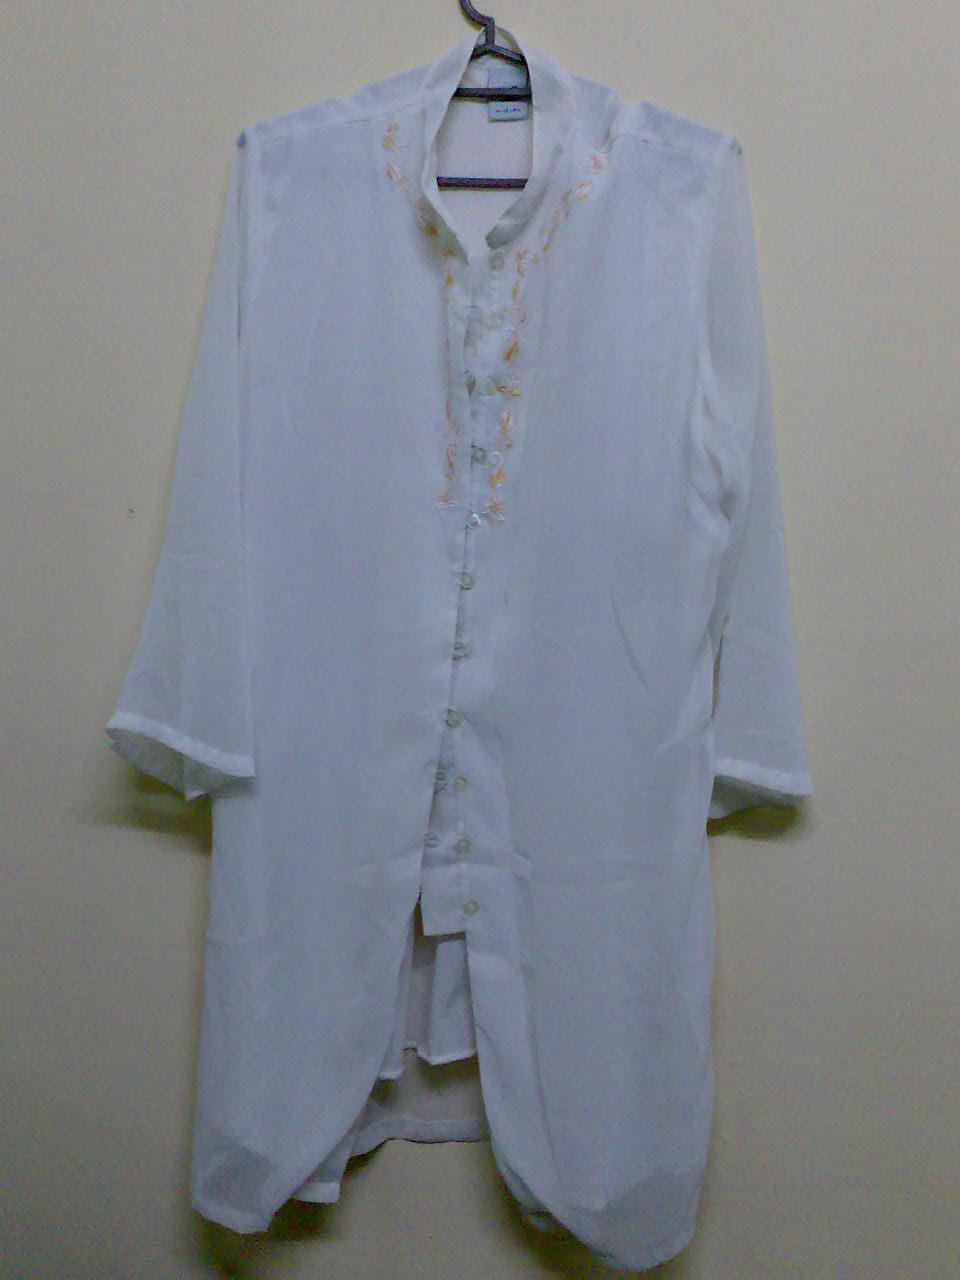 Baju Second Hand Murah Blouse Shiffon Putih